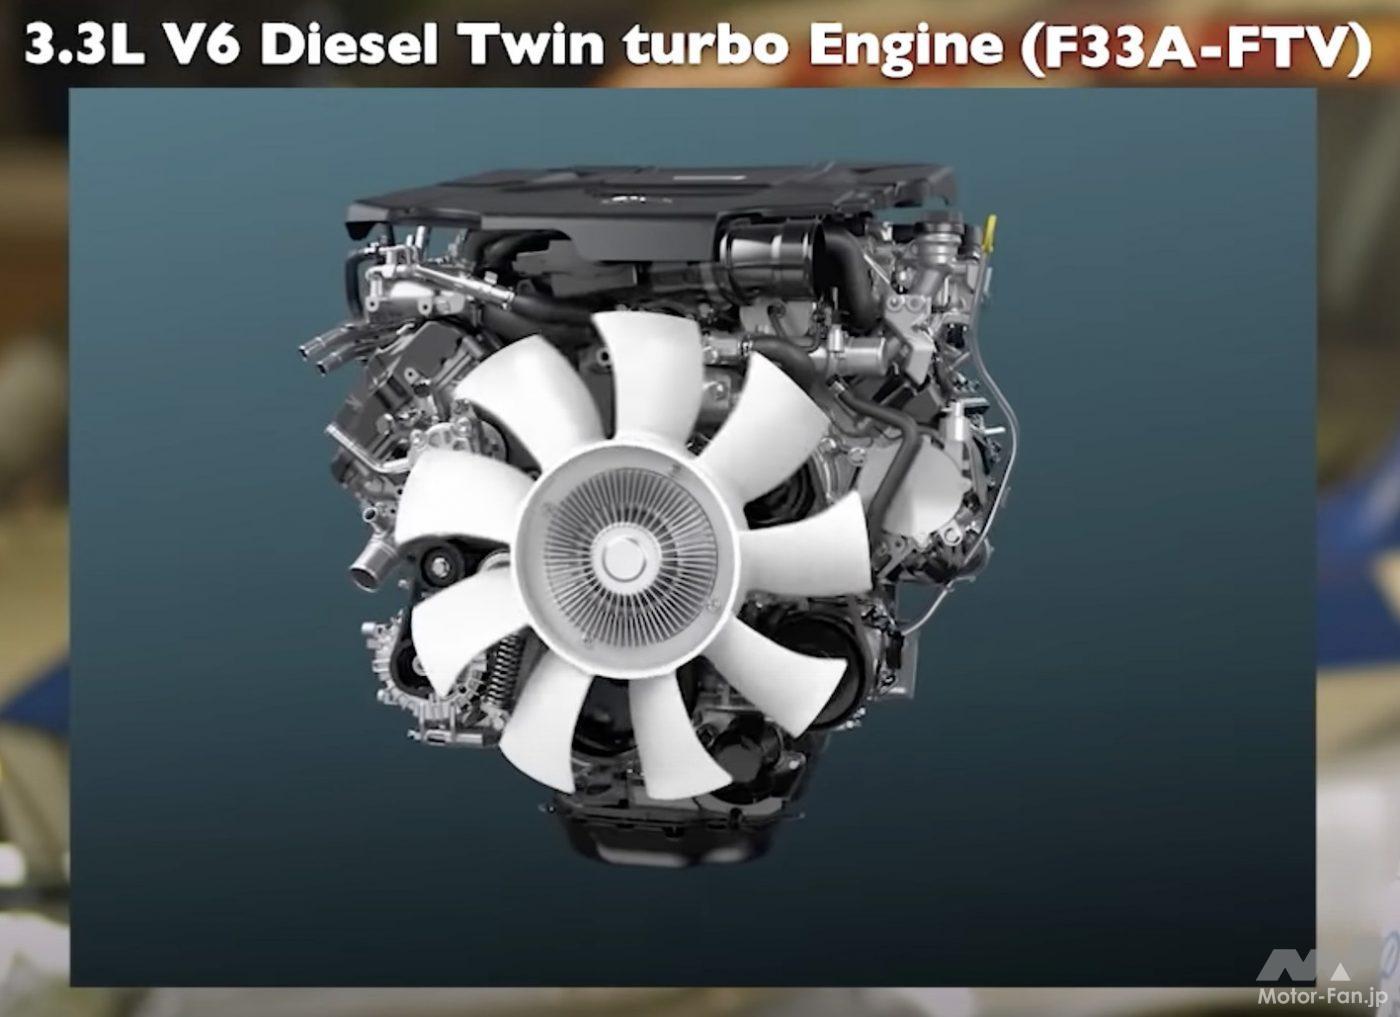 「間もなく日本デビュー! 新型トヨタ・ランドクルーザー(300系)完全新開発3.3ℓV6ディーゼルツインターボ【F33A-FTV】とはどんなエンジンになるか」の11枚目の画像